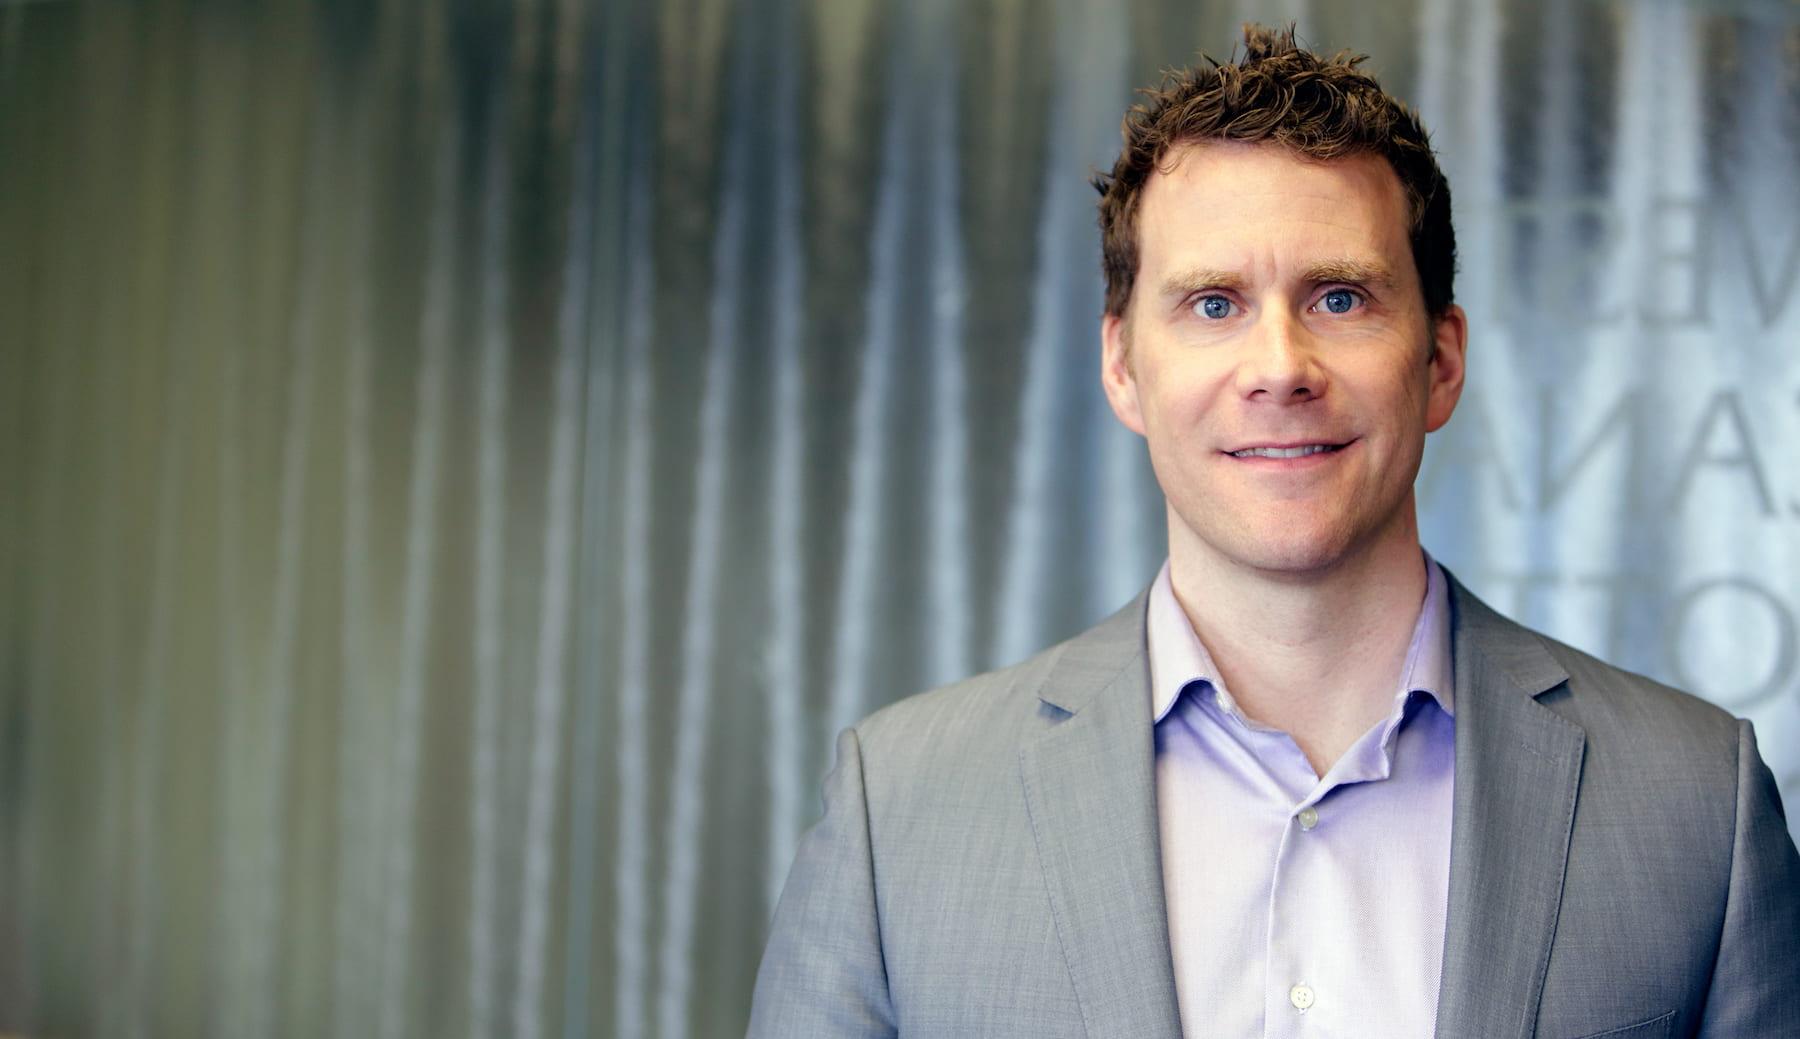 Scott Hinkson